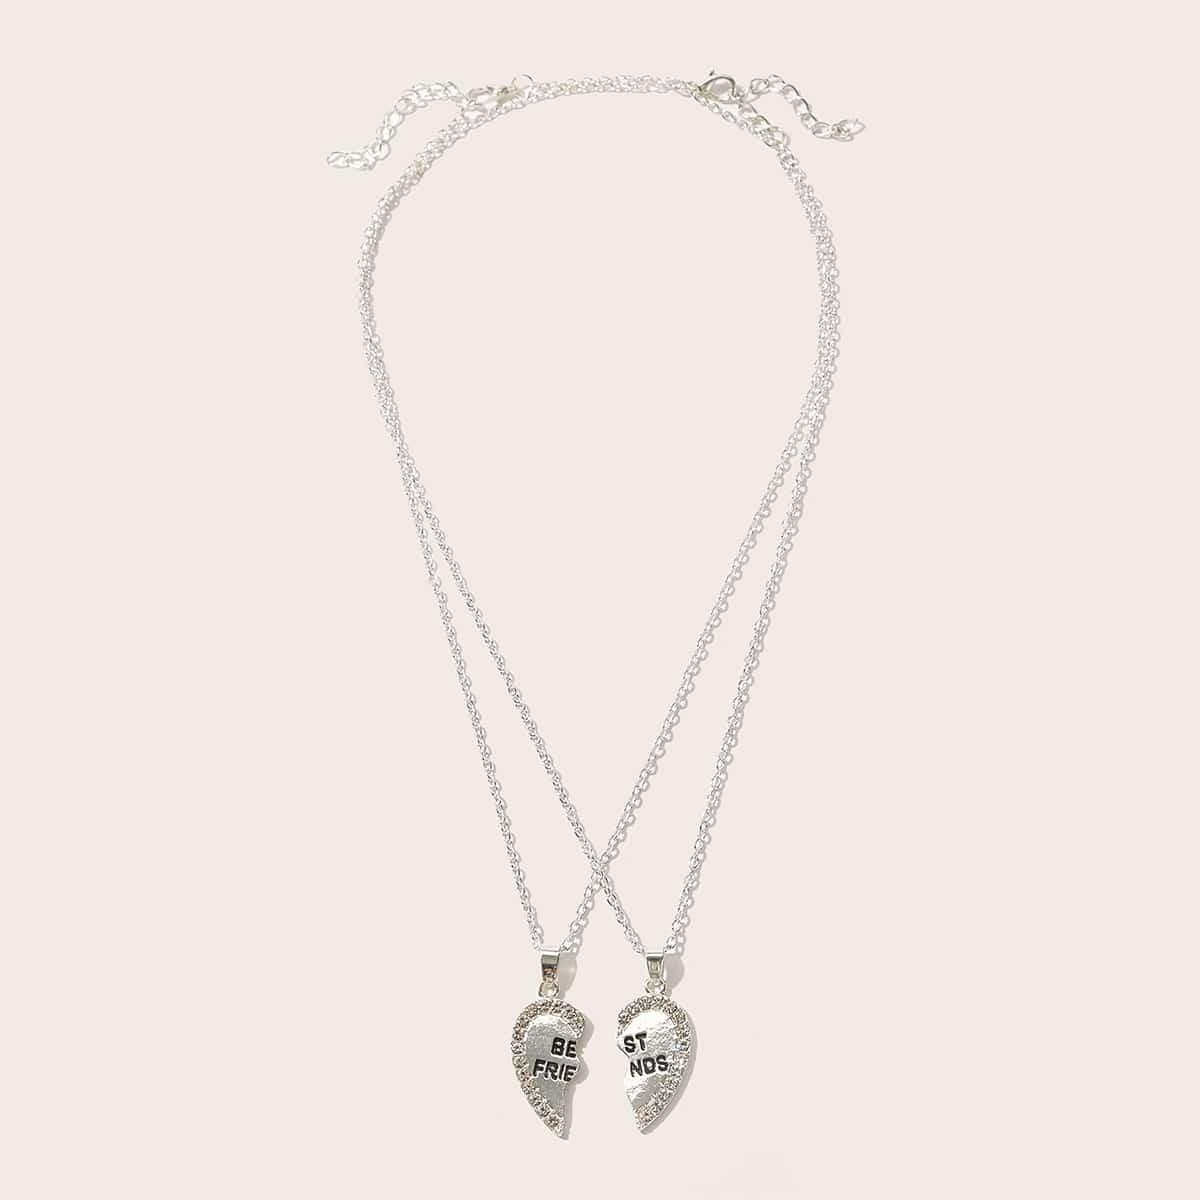 Ожерелье кулон с сердечком и стразами для девочек 2шт.